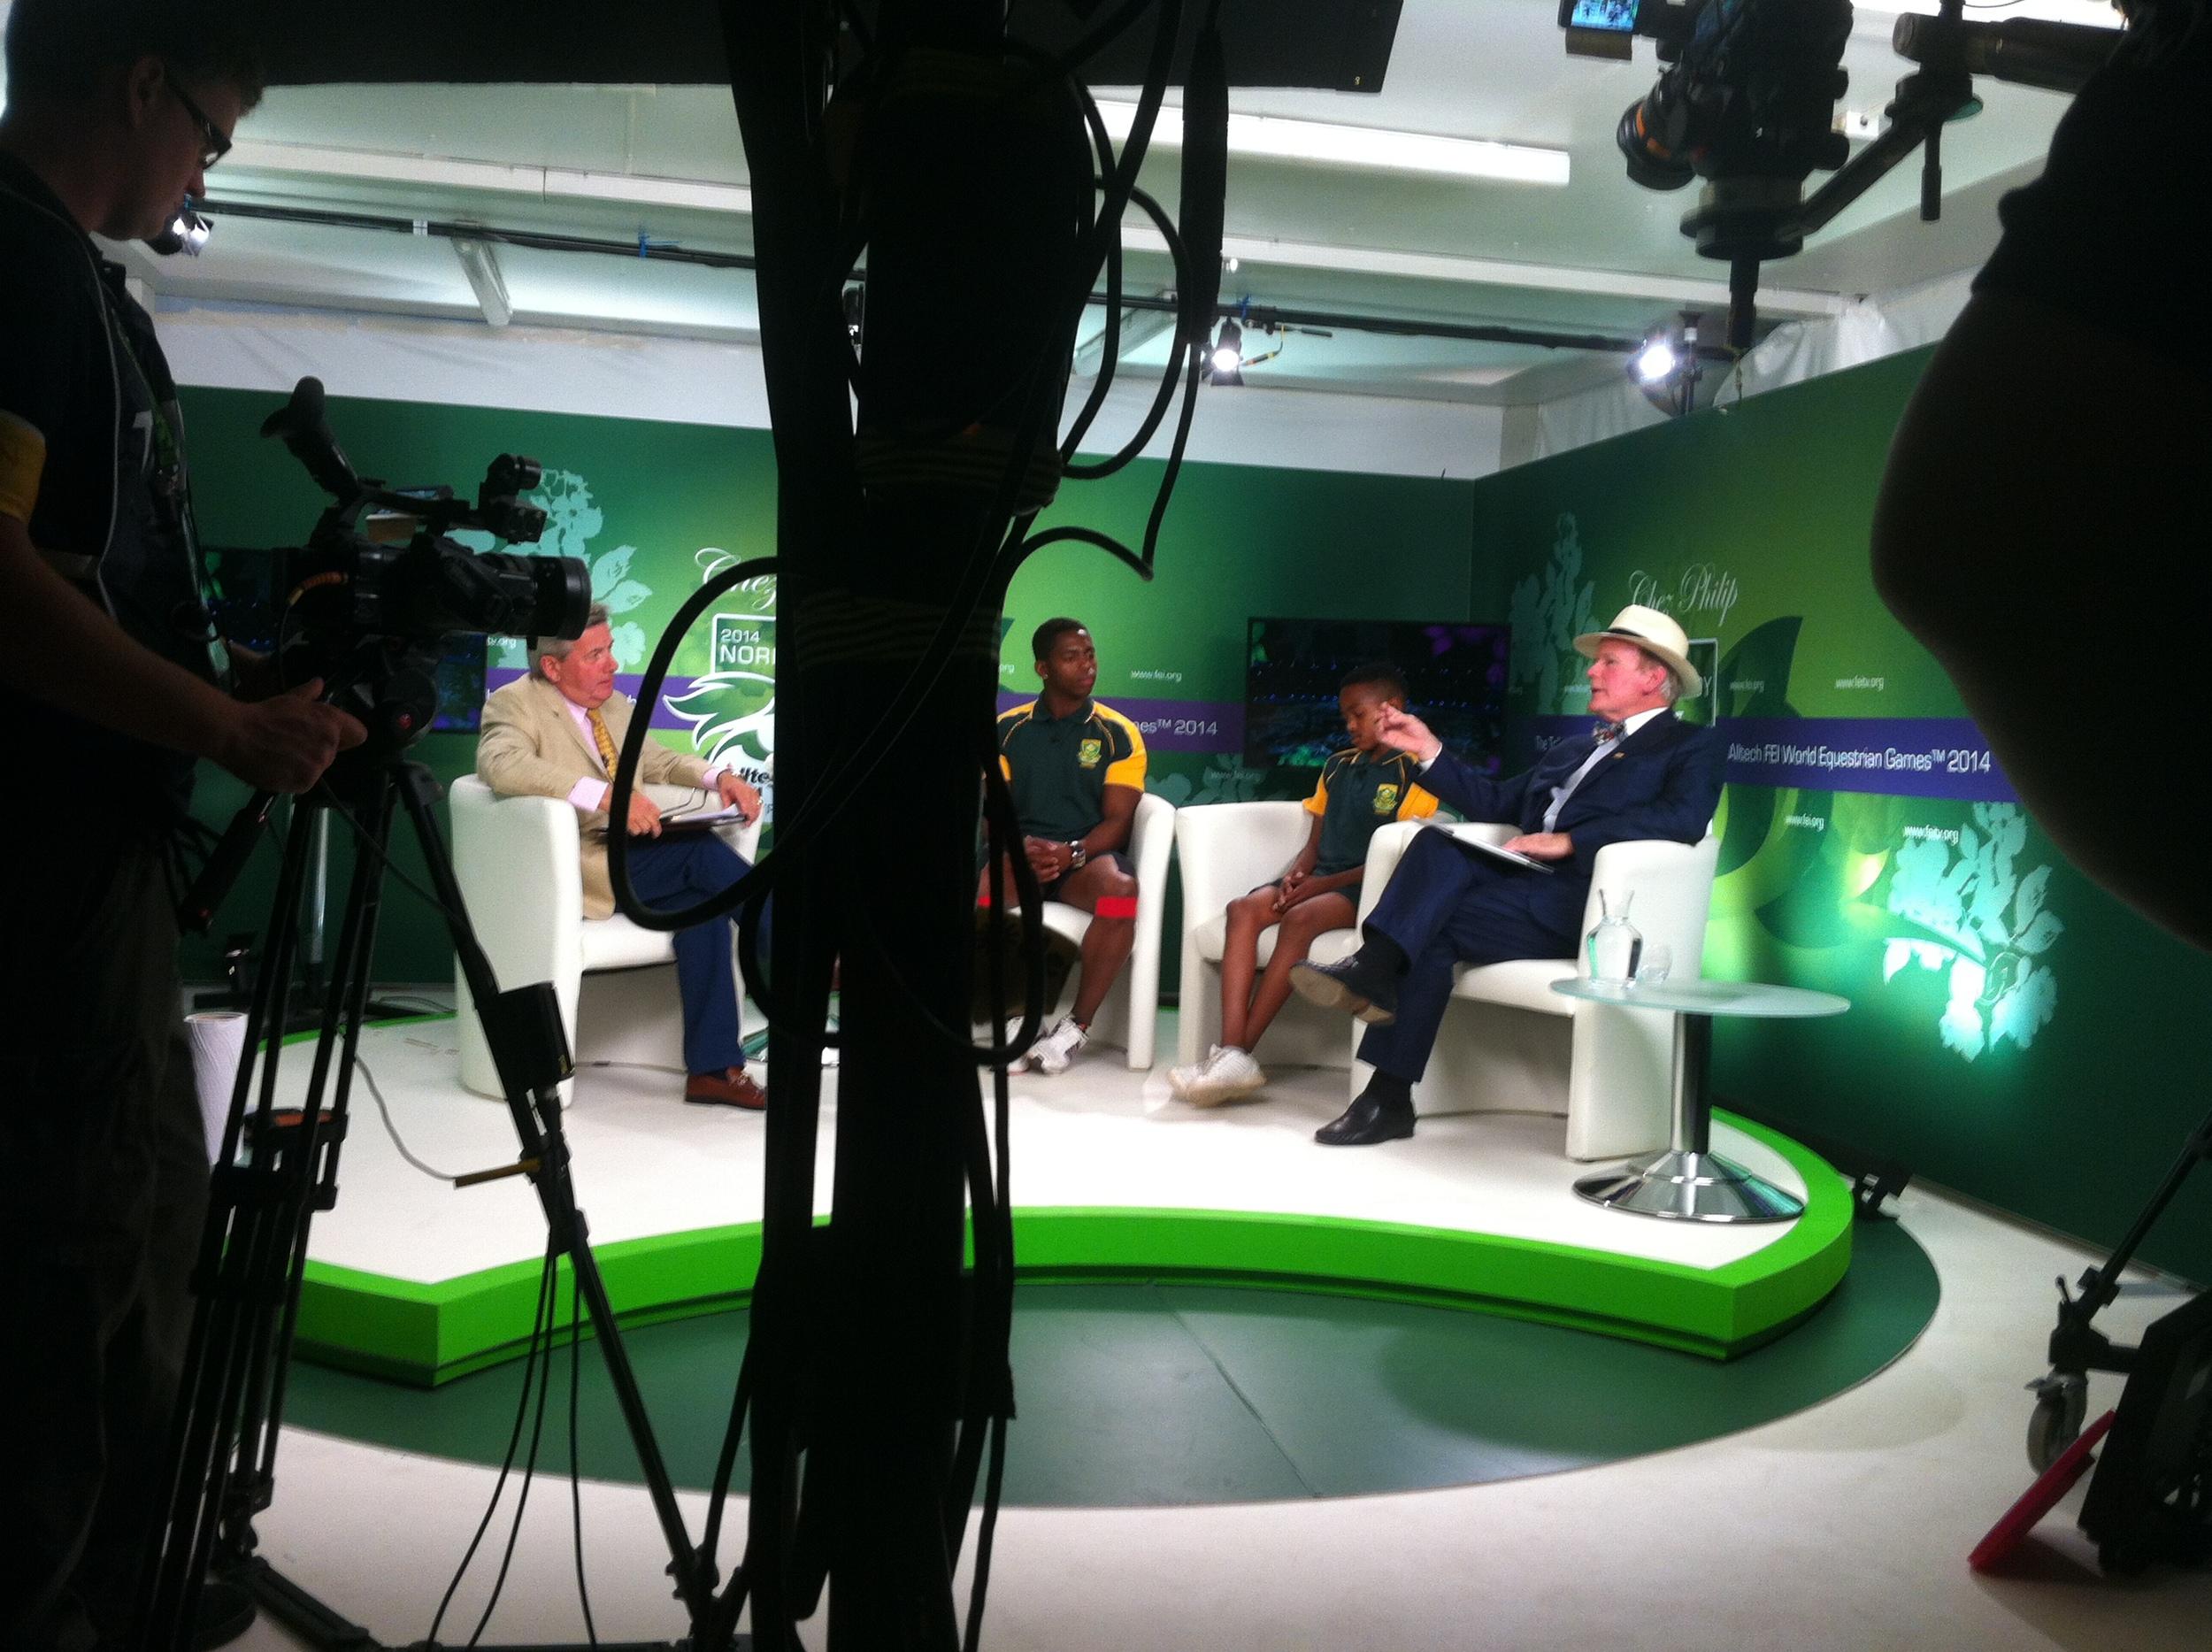 FEI TV heeft een interview met Zuid-Afrikaanse voltigeurs. Rechts zit de directeur van Altech. Hoofdsponsor van de Altech FEI WEG 2014